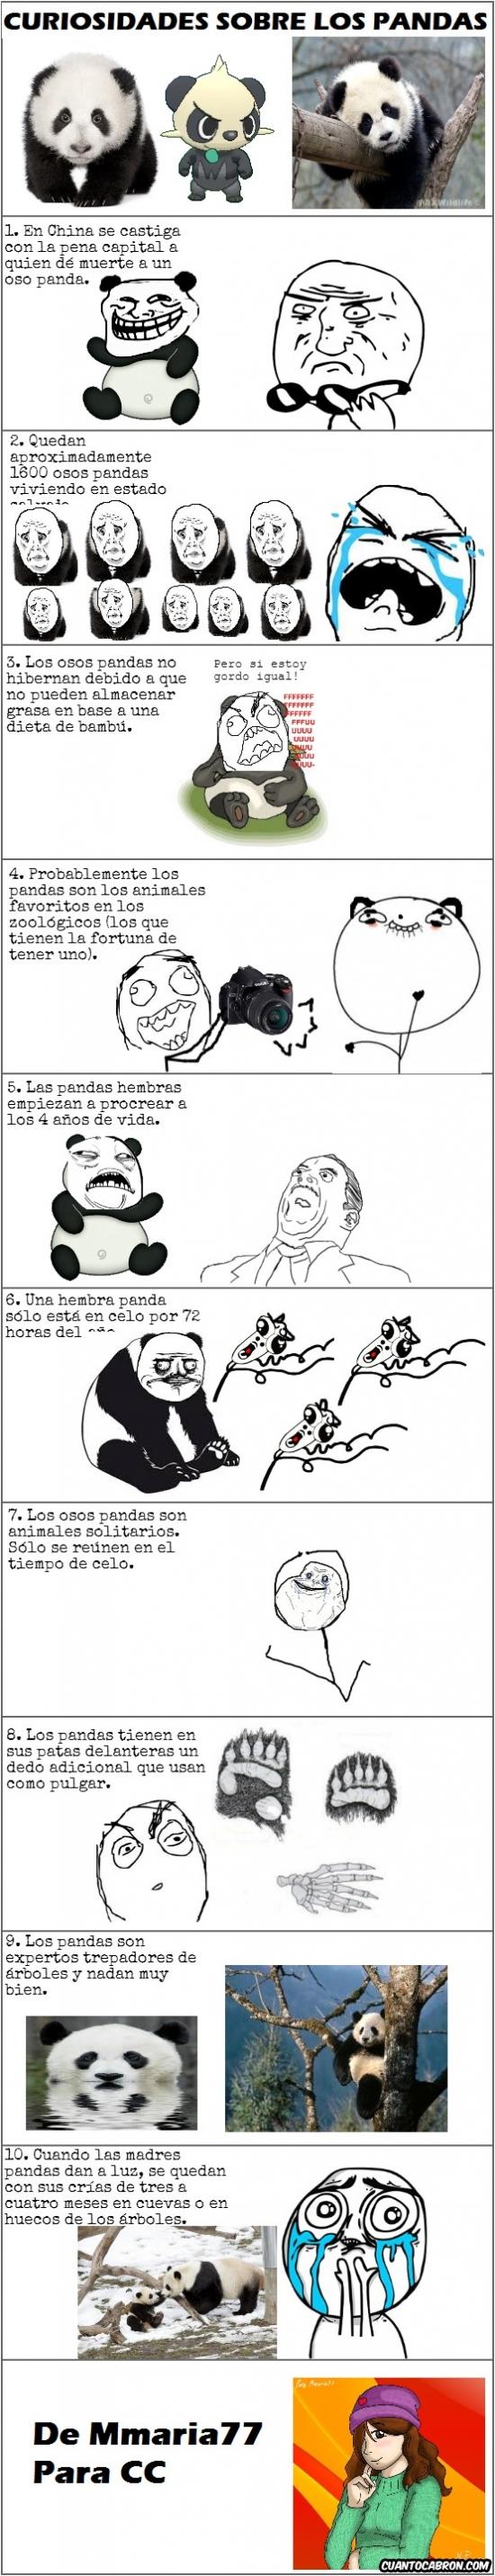 Otros - 10 cosas que no sabías sobre los pandas